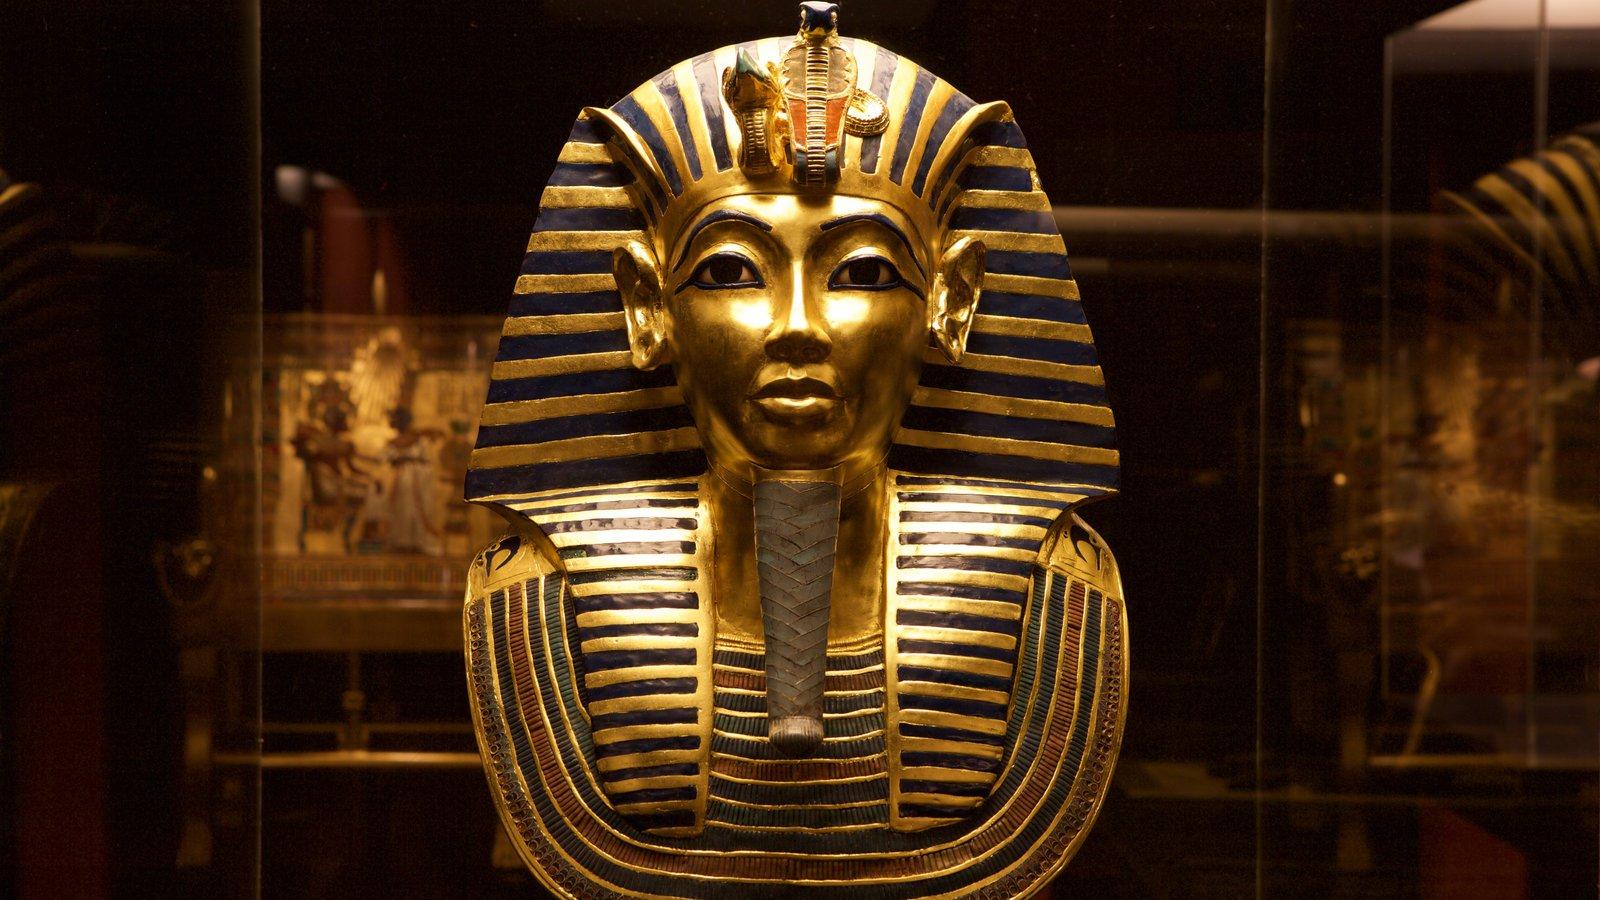 Tutankamon a exposição mostrando uma estátua ou escultura e elementos de patrimônio